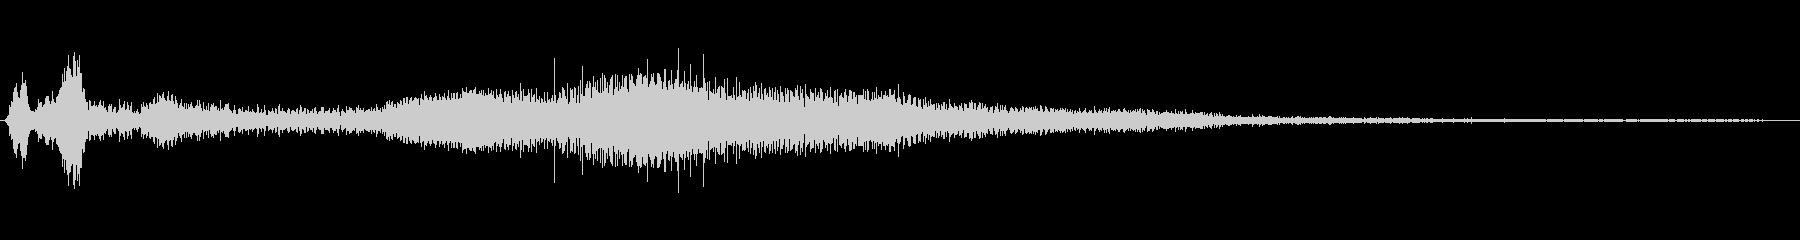 1968シェビーカマロホットロッド...の未再生の波形